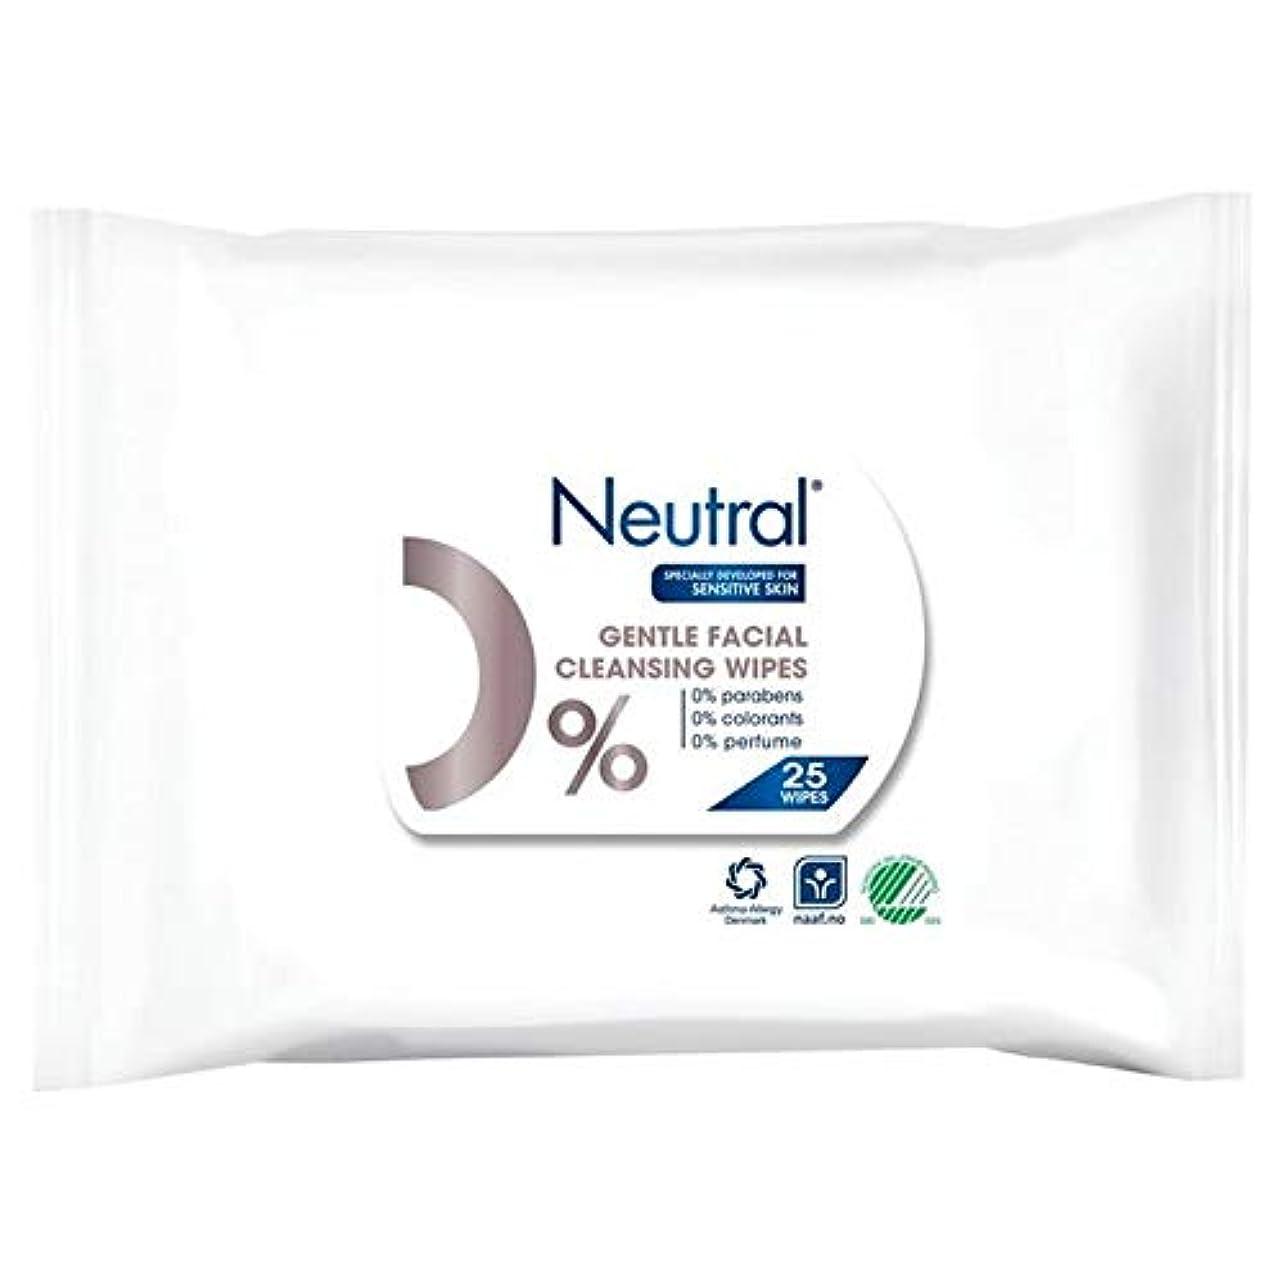 イチゴグリルヒューマニスティック[Neutral ] ニュートラル0%顔はパックあたり25ワイプ - Neutral 0% Face Wipes 25 per pack [並行輸入品]